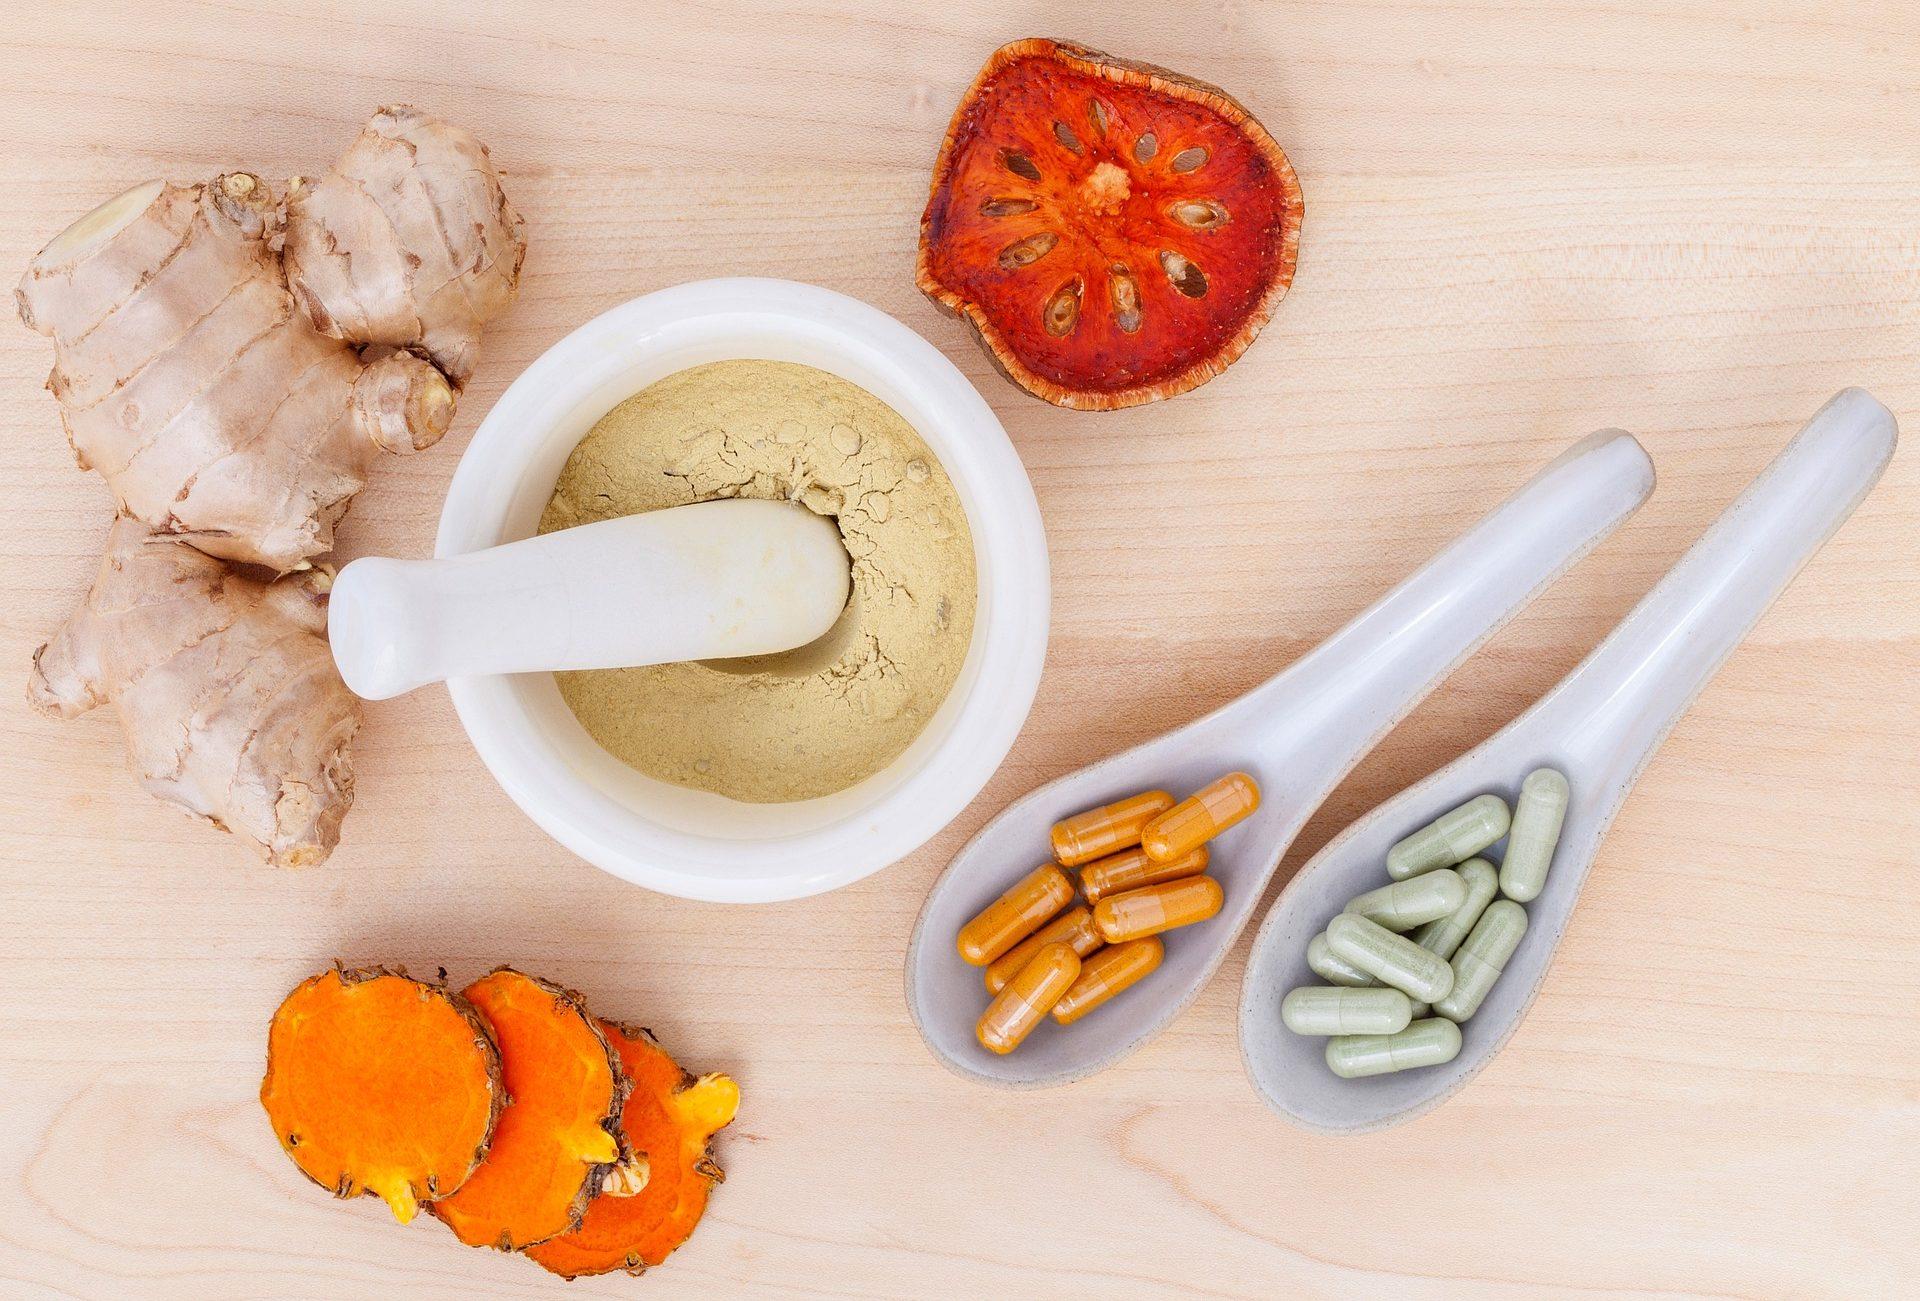 Vitaminok és ásványi anyagok hajhullás ellen - Variconis